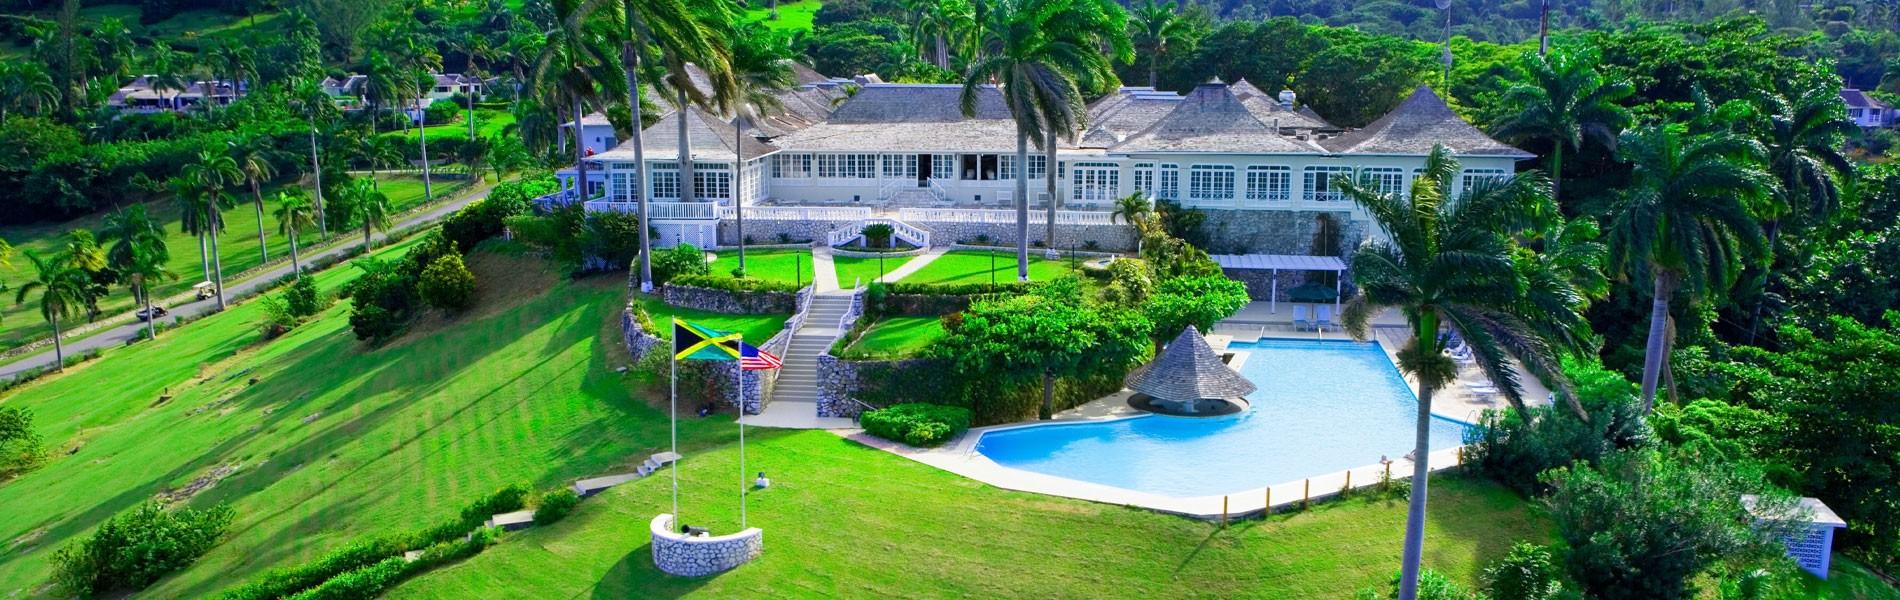 91a4db0b4f8 Jamaica Villas by Linda Smith